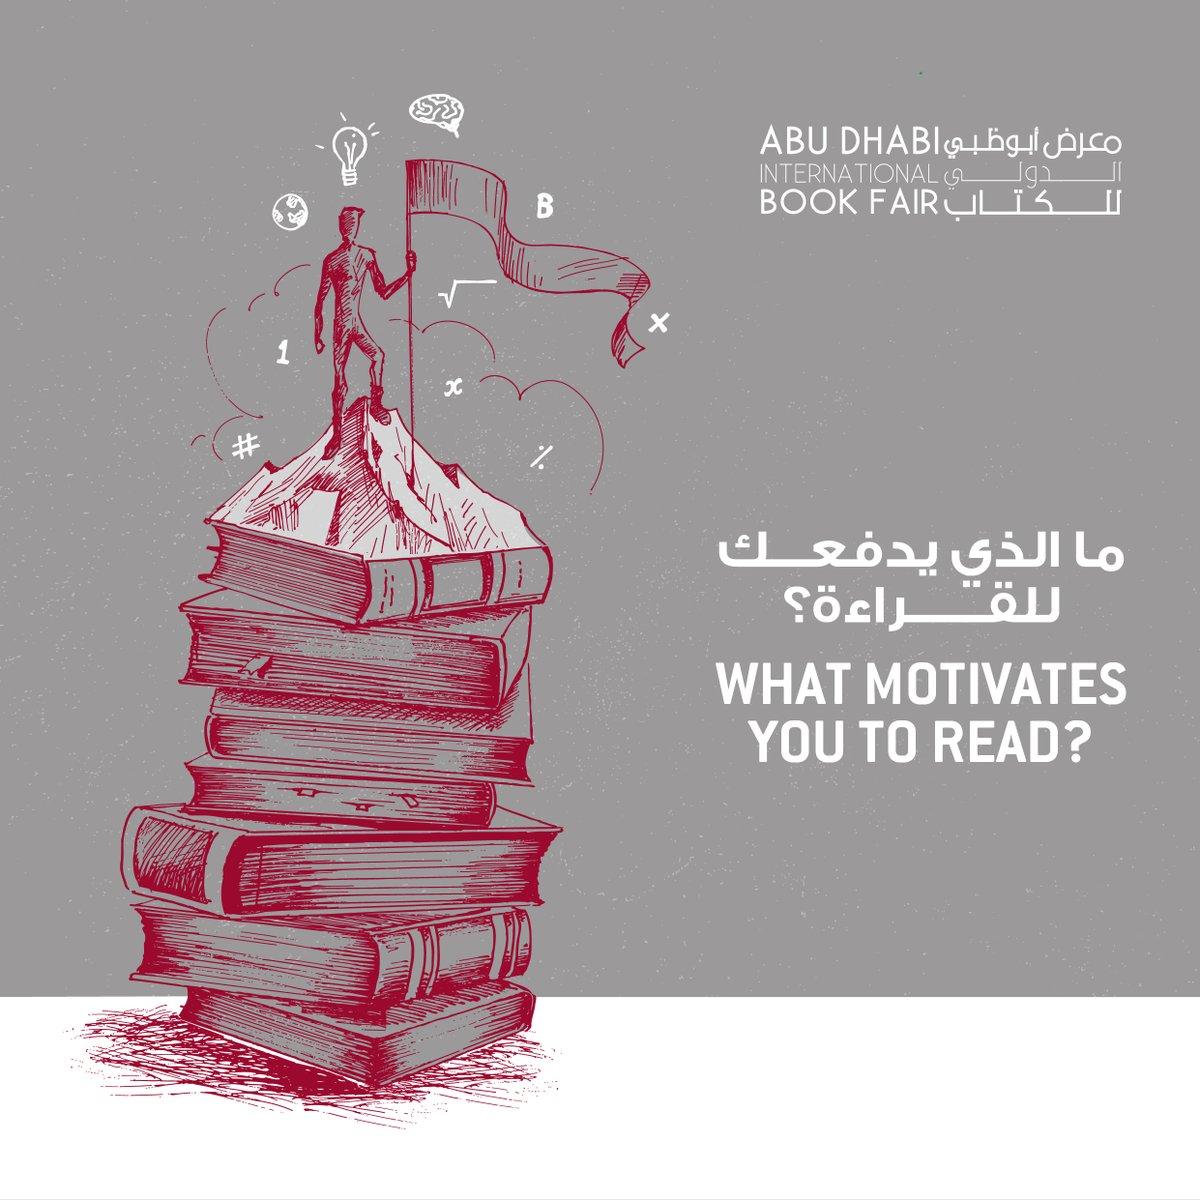 ما الذي يدفعك للقراءة؟   #معرض_أبوظبي_الدولي_للكتاب #قراءة #كتاب #ثقافة #في_أبوظبي . . . What motivates you to read?  #ADIBF #Reading #Books #Culture #InAbuDhabi https://t.co/xKjy8LAwUF